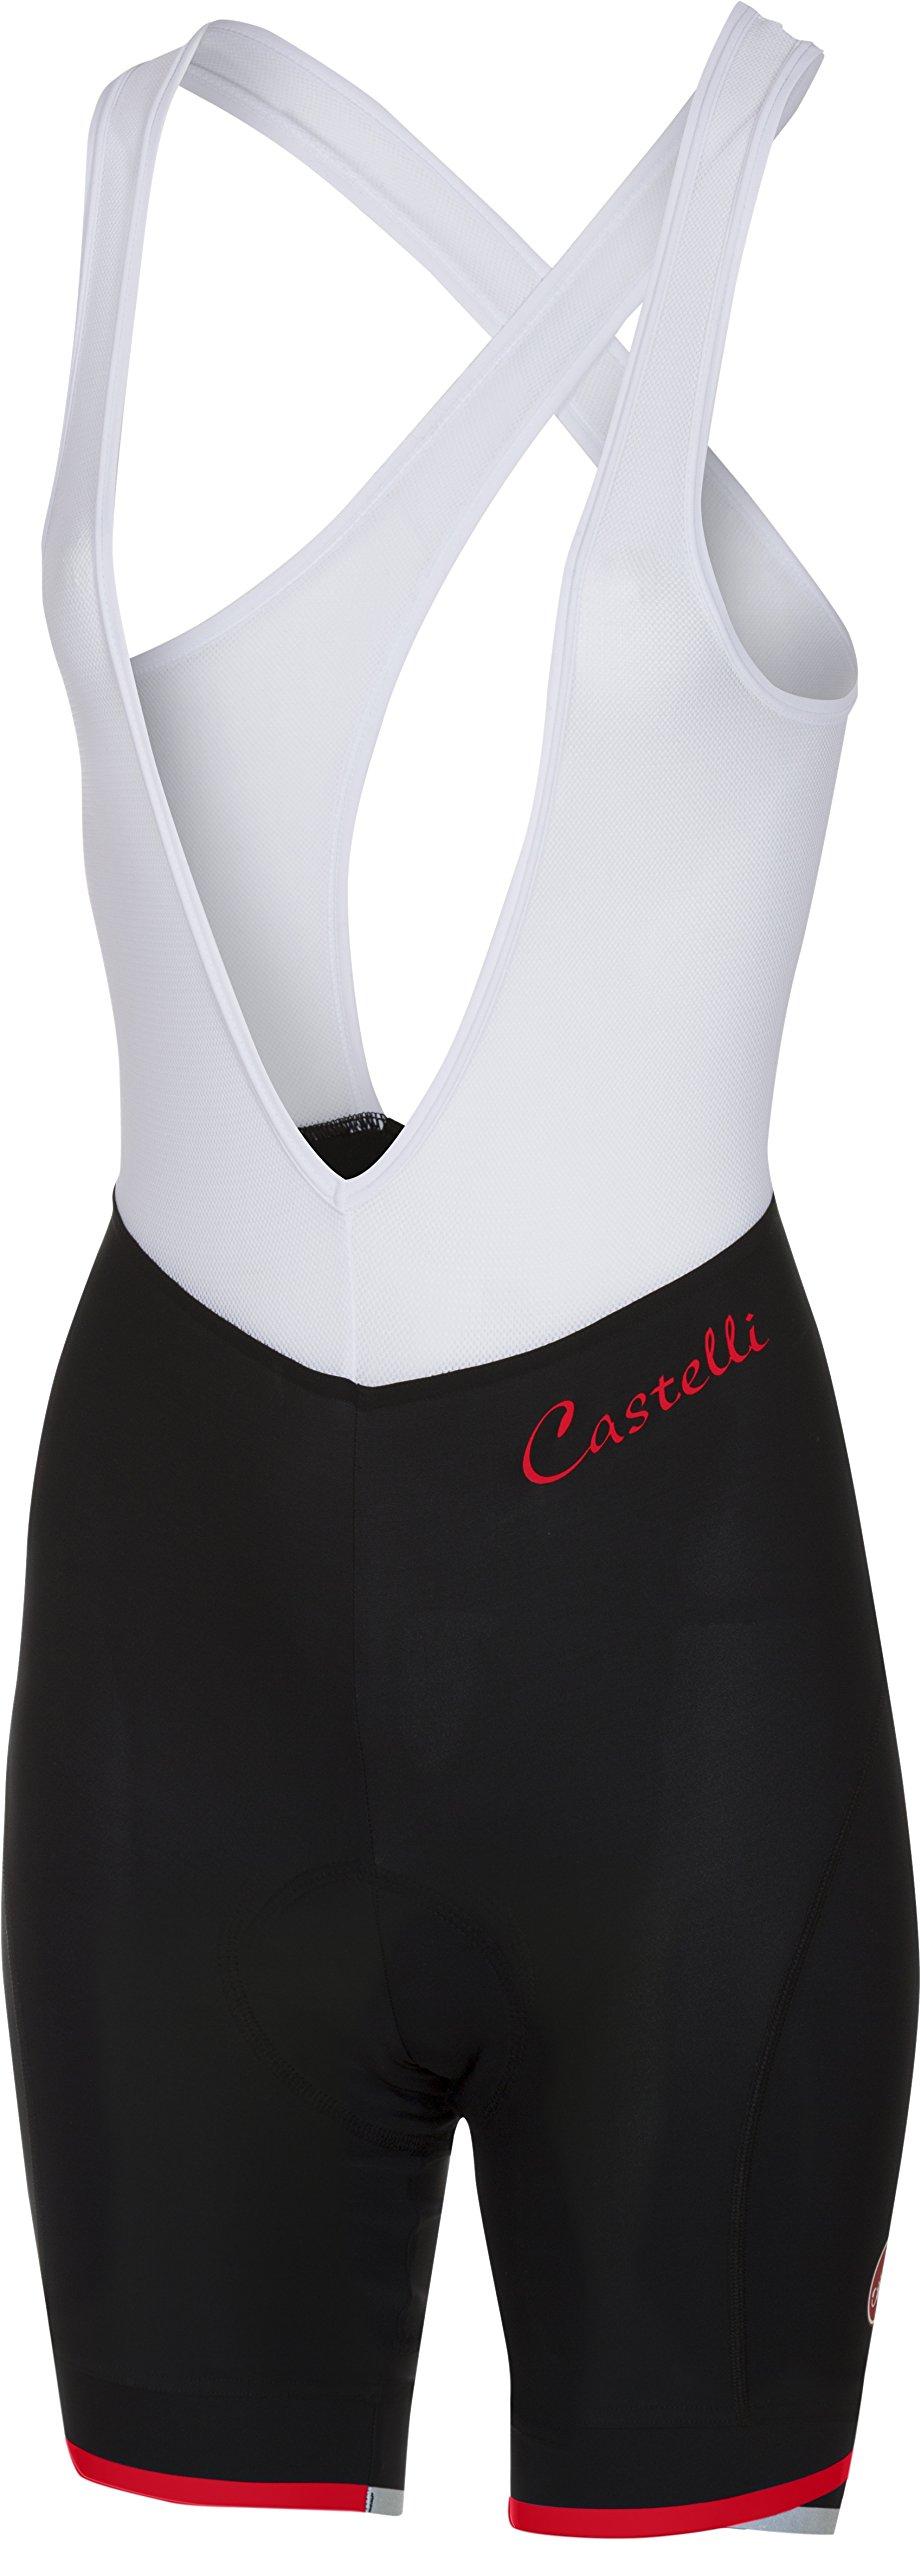 Castelli Vista Bib Short - Women's Black/Red, XS